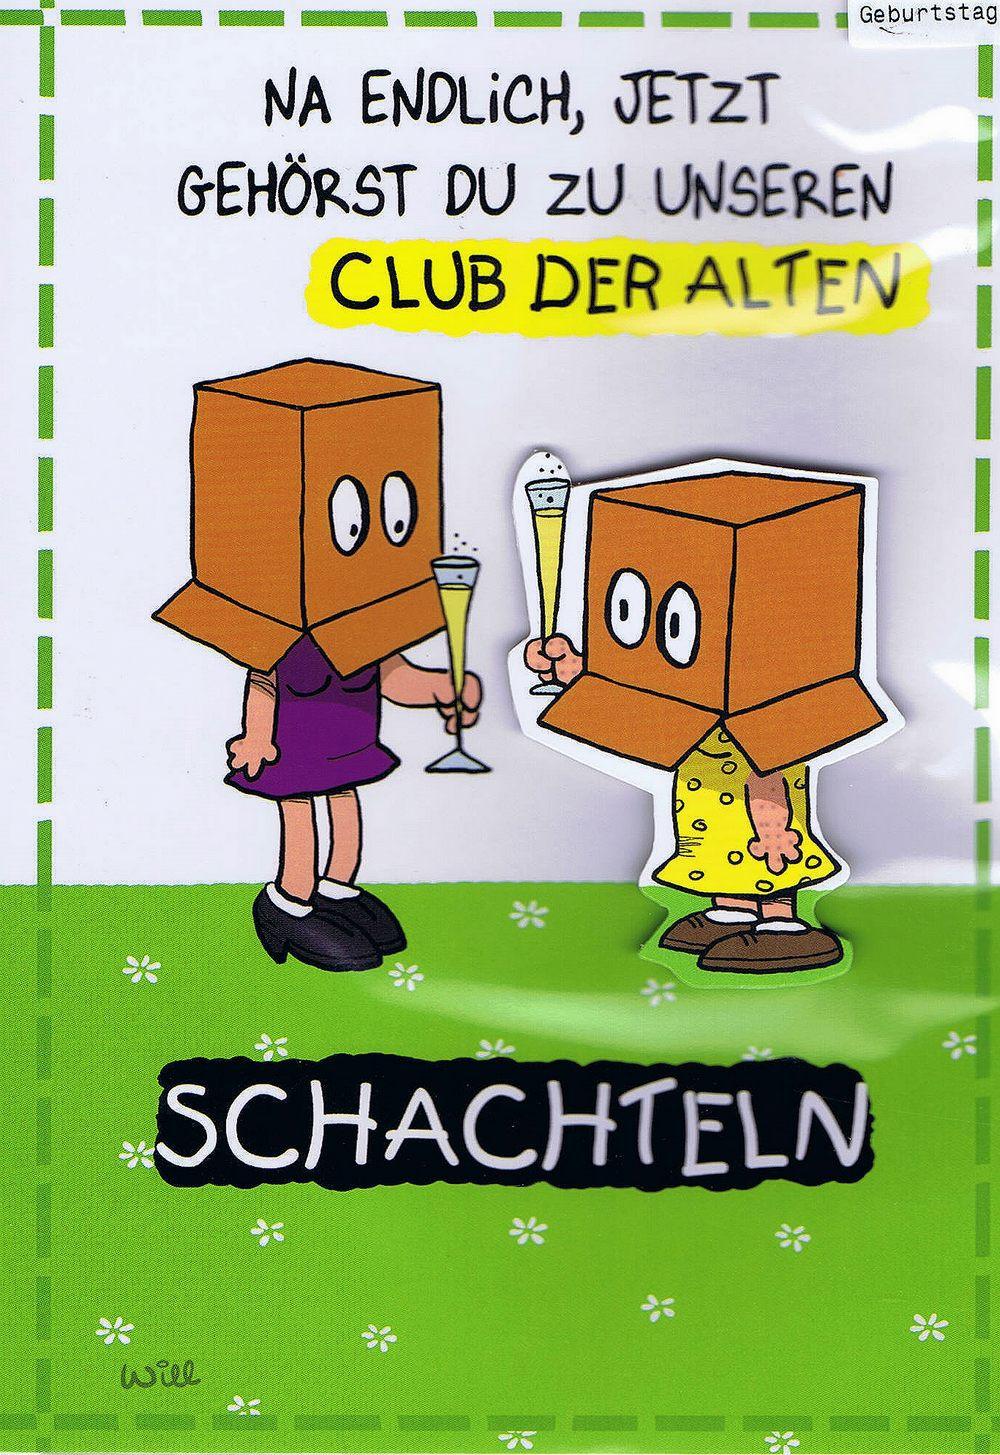 Alte Schachtel Geburtstag Geburtstag